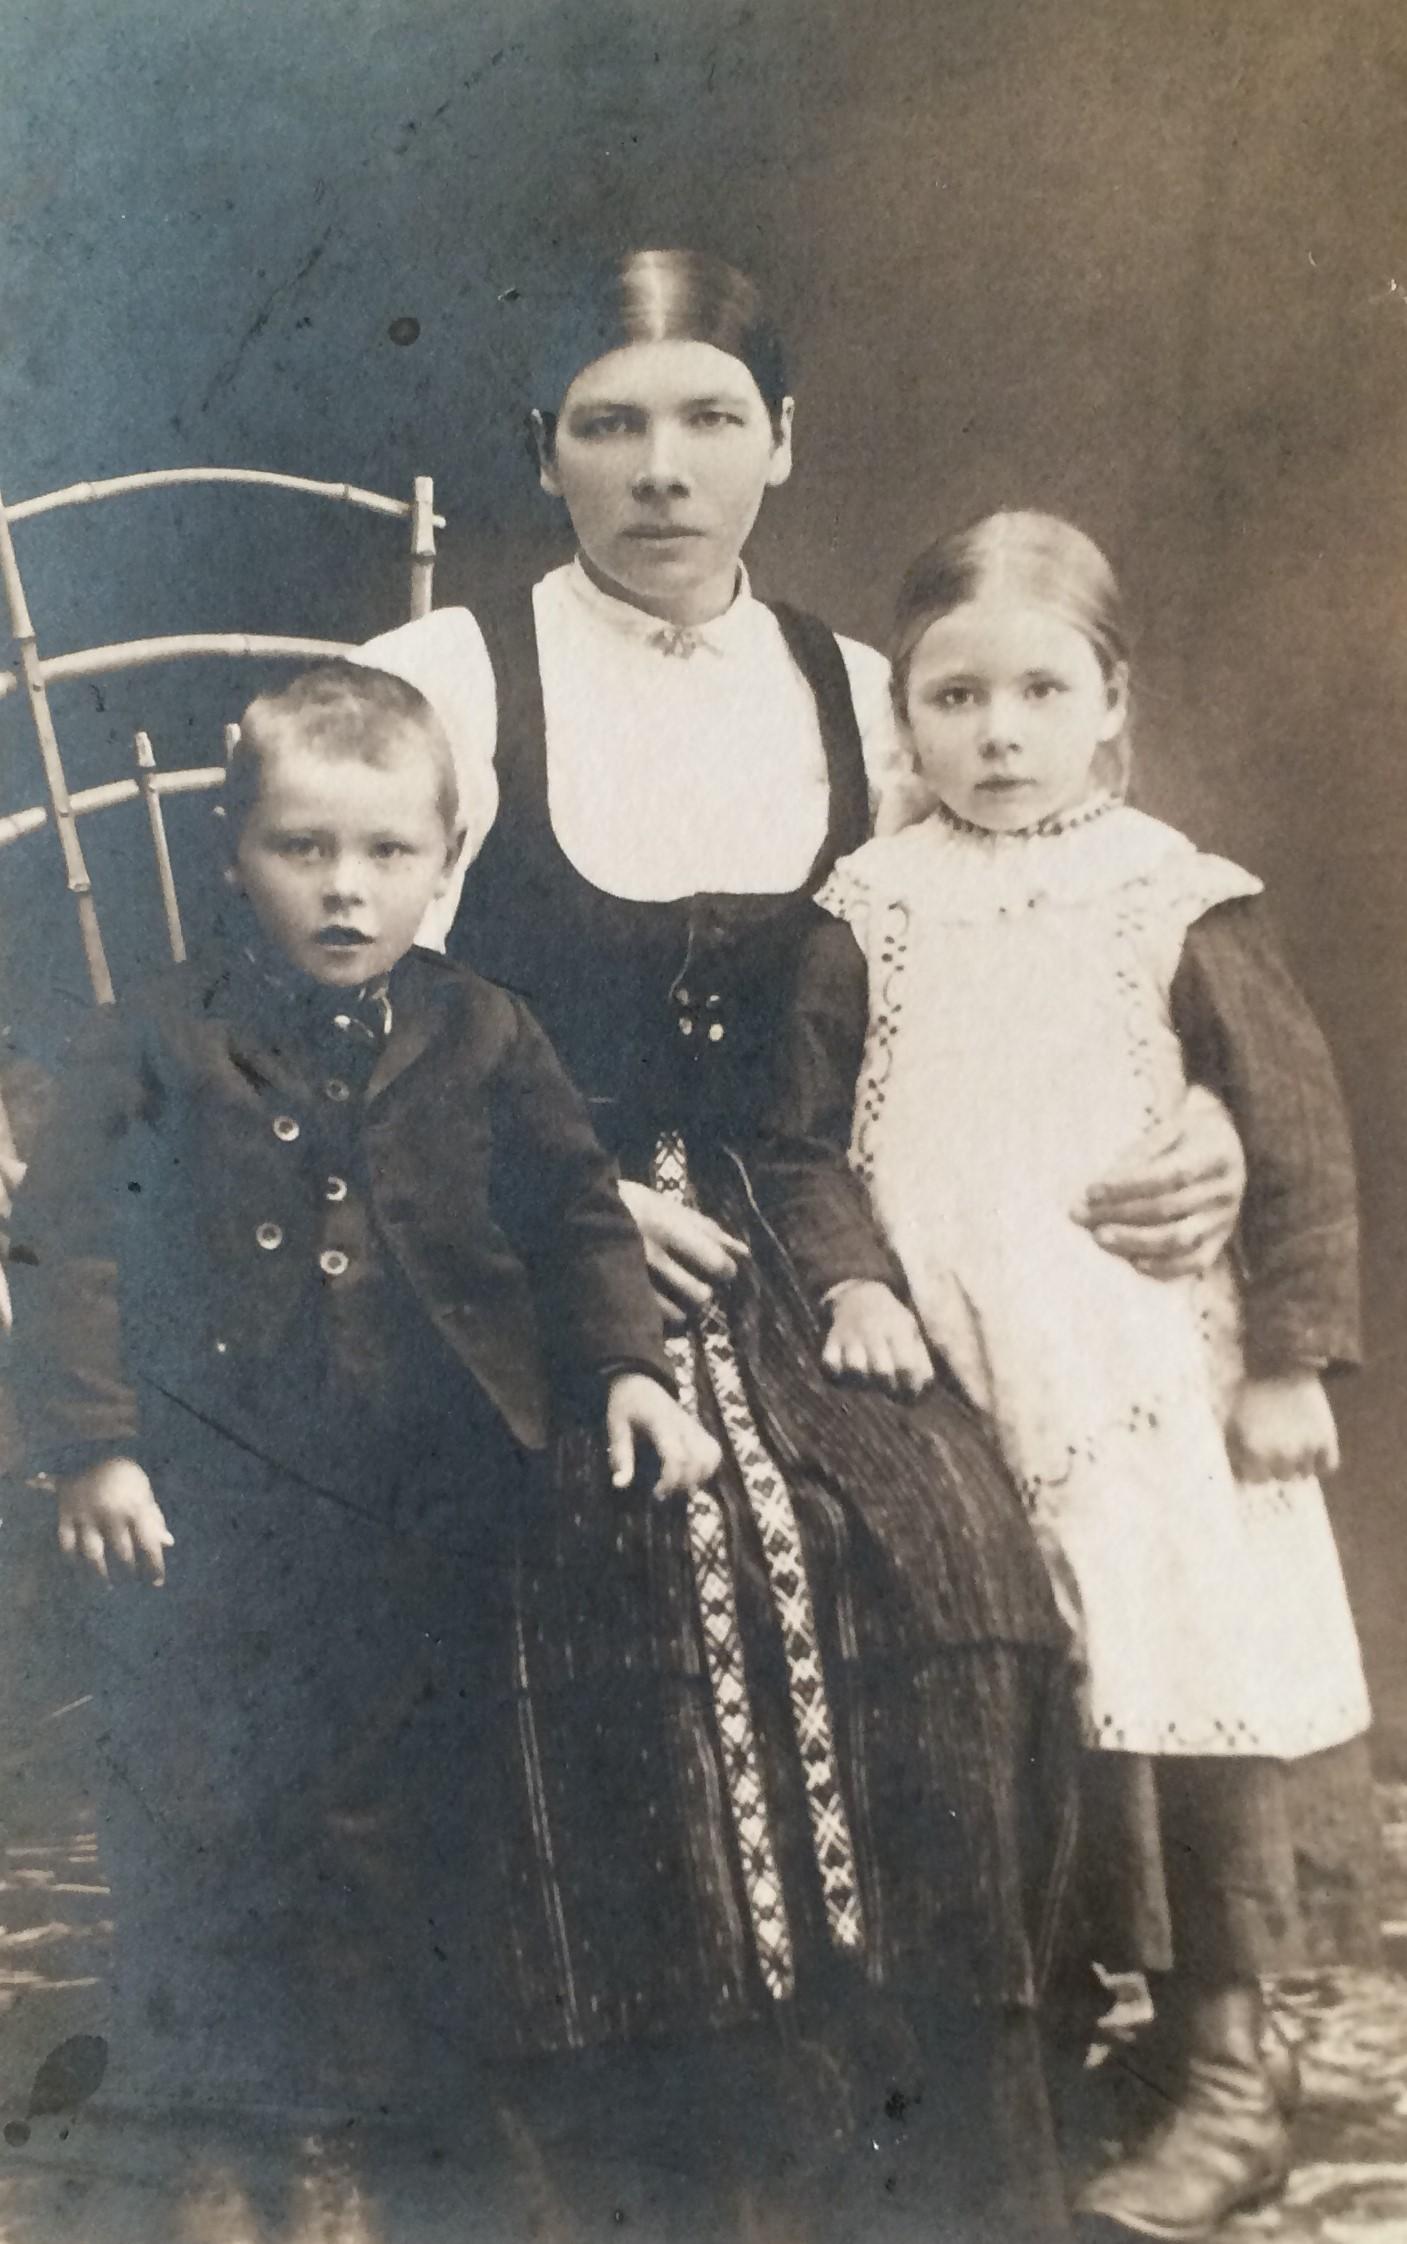 På fotot som är taget ungefär 1914 Maria Lång tillsammans med barnen Frans och Hulda.